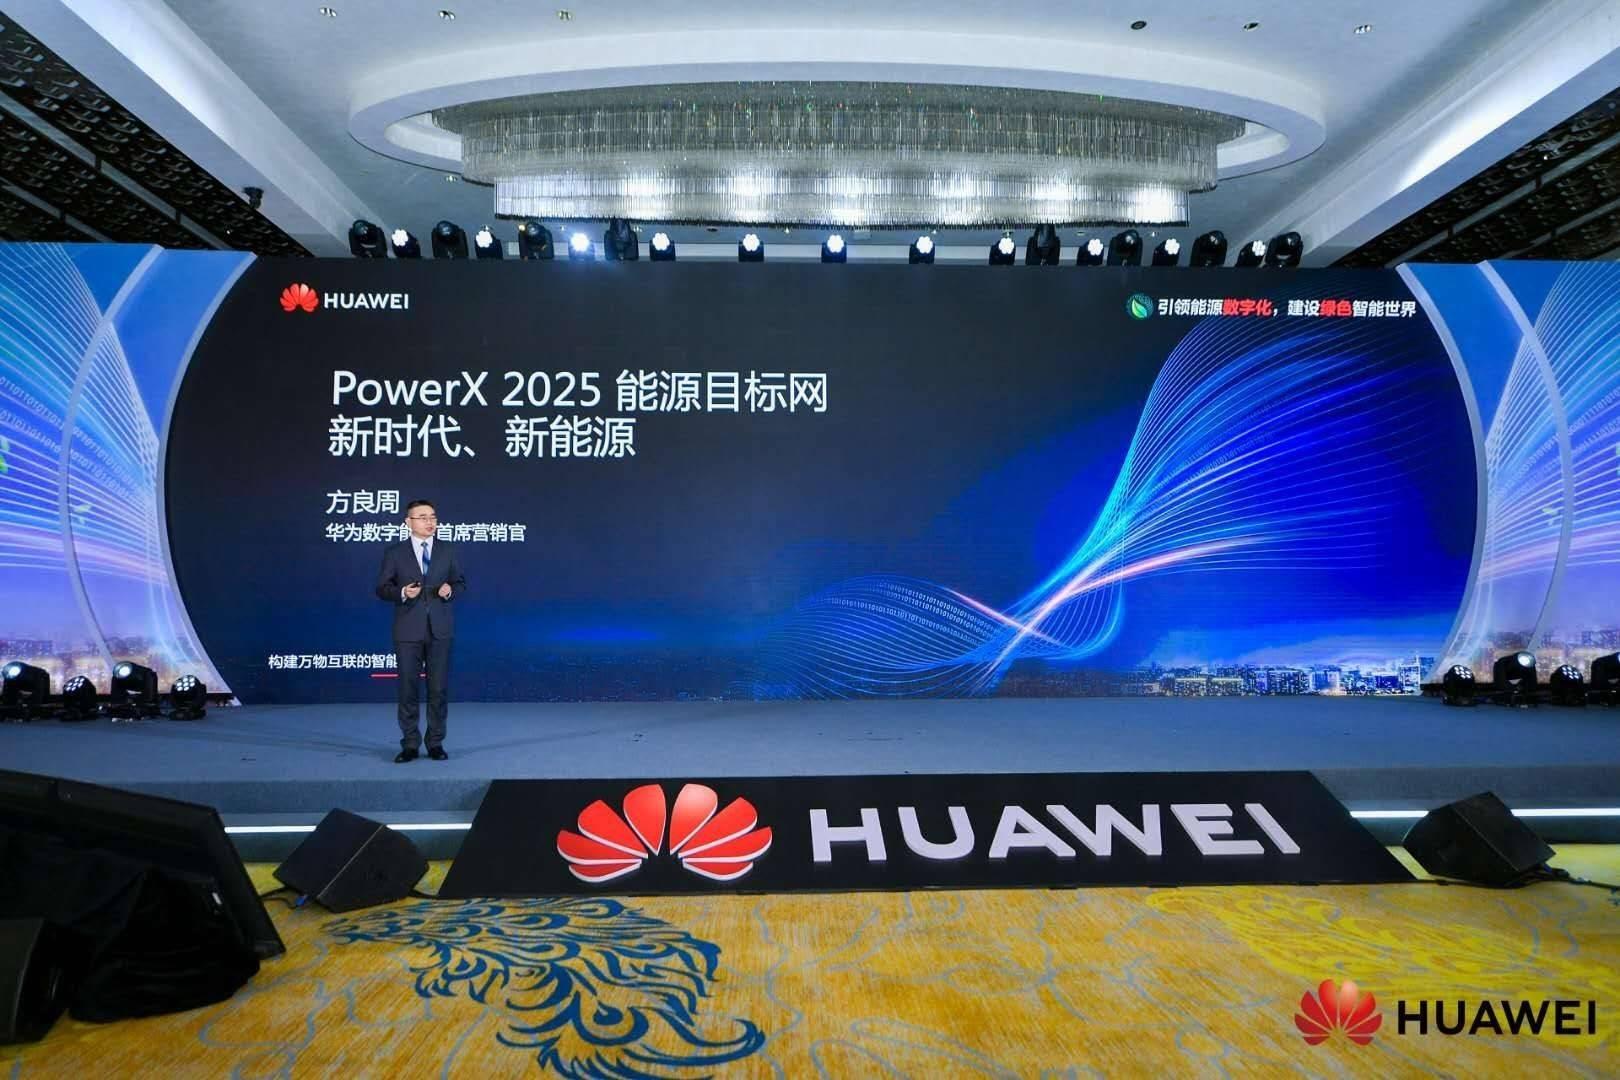 华为发布了PowerX 2025能源目标网